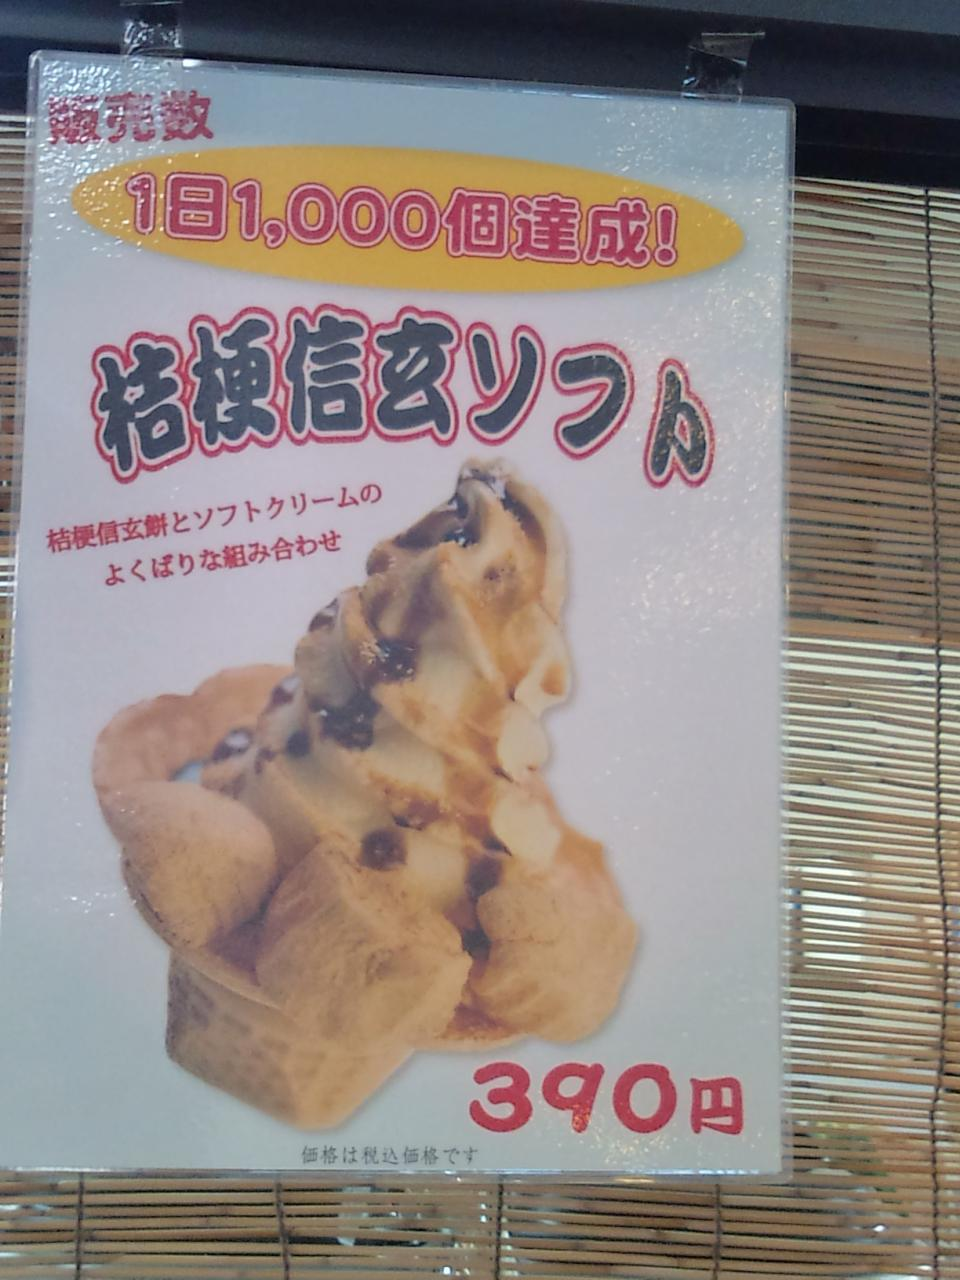 桔梗屋本社(ソフト)